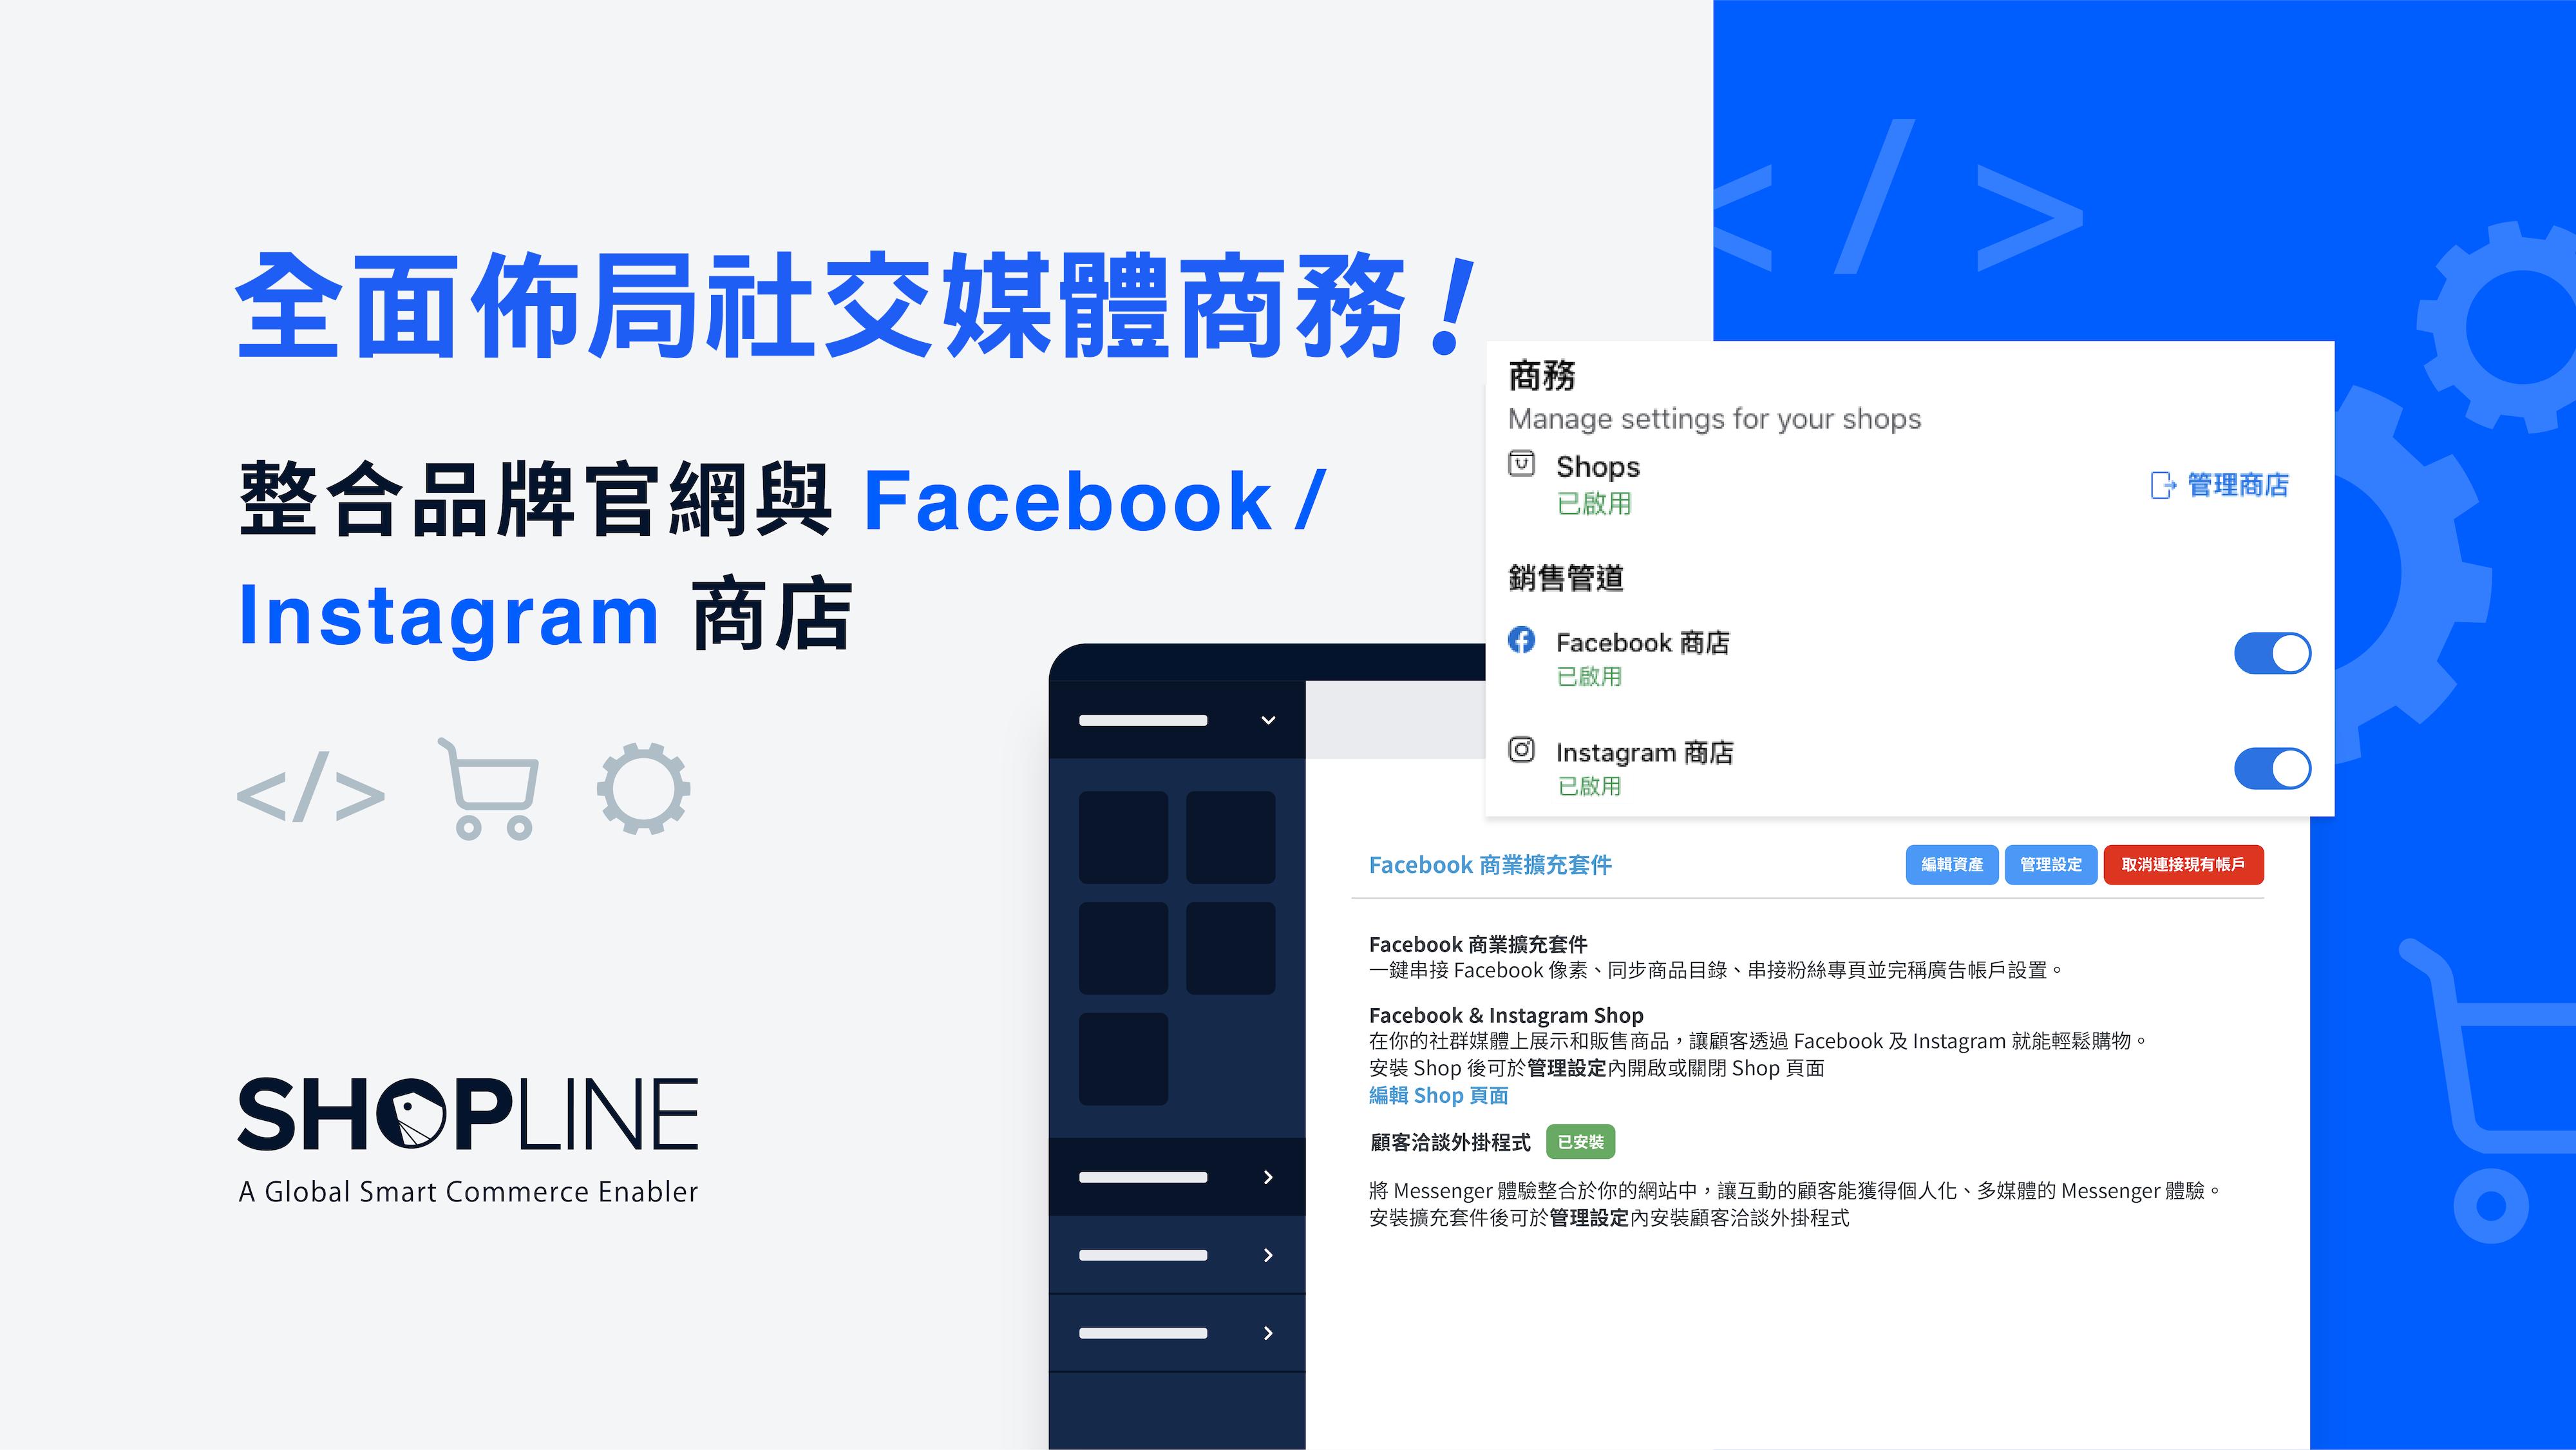 網絡開店平台 SHOPLINE 新增功能串接 Facebook Shops 及 Instagram 購物